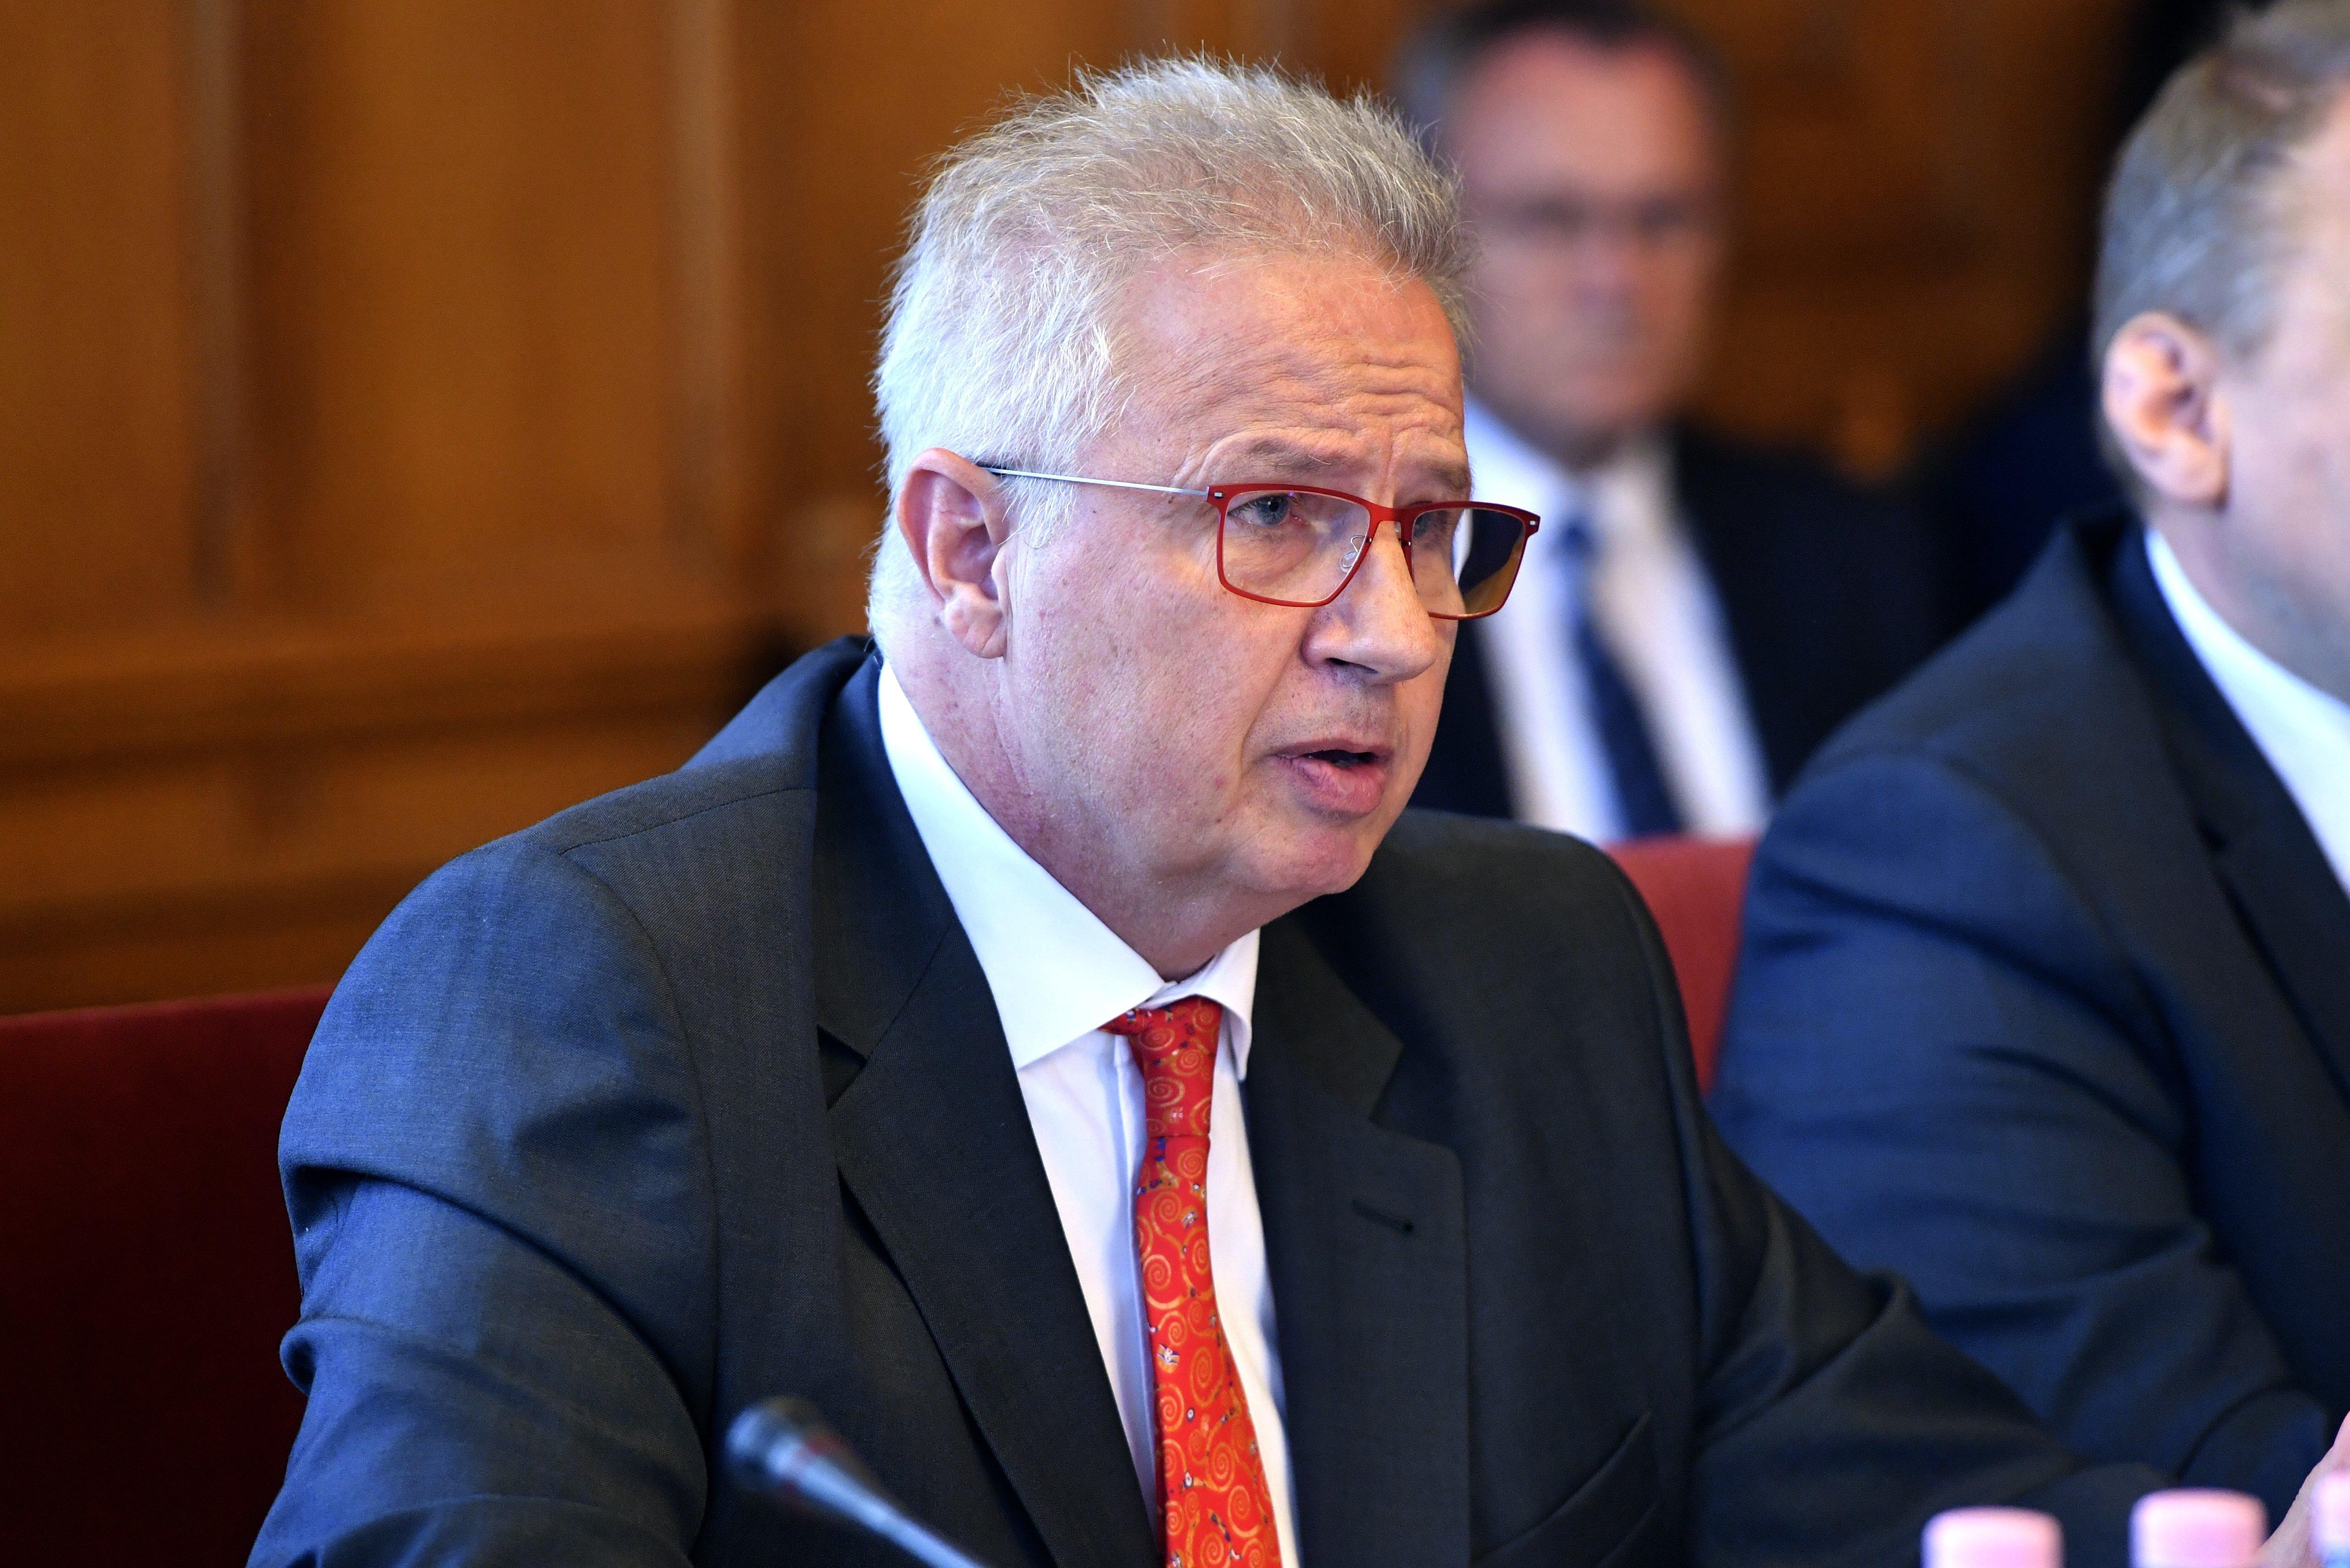 Koronavírusos lett Trócsányi László fideszes EP-képviselő